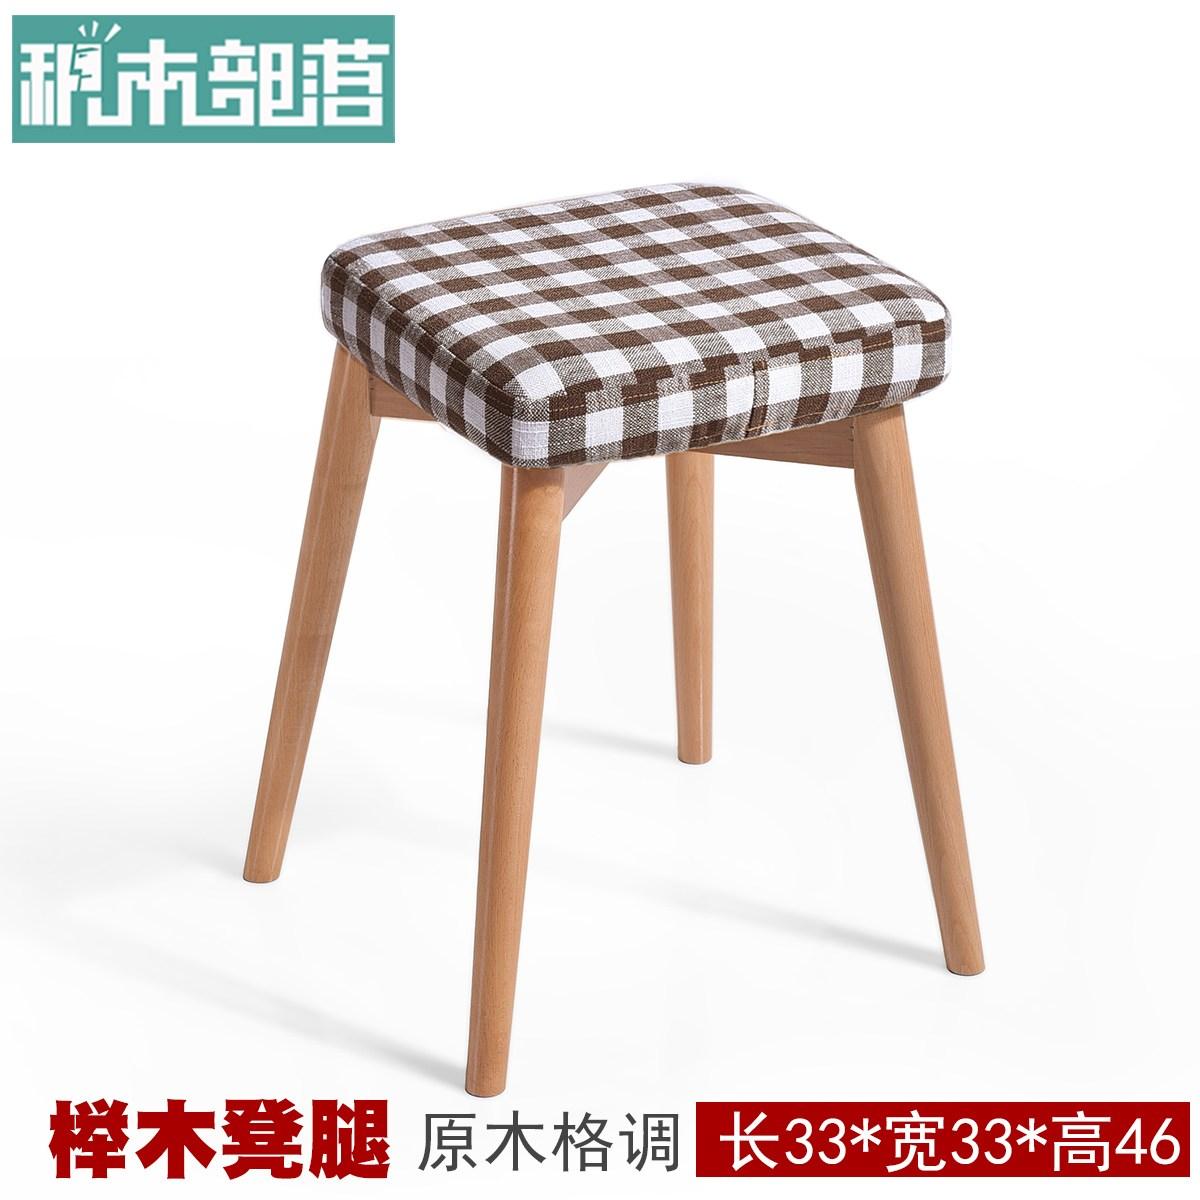 스툴 쌓기놀이 부락 아이디어 원목 등받이없는식탁의자 사각의자 패브릭 화장대의자 패션 가정용 의자, T08-원목색 스타일 거친황마